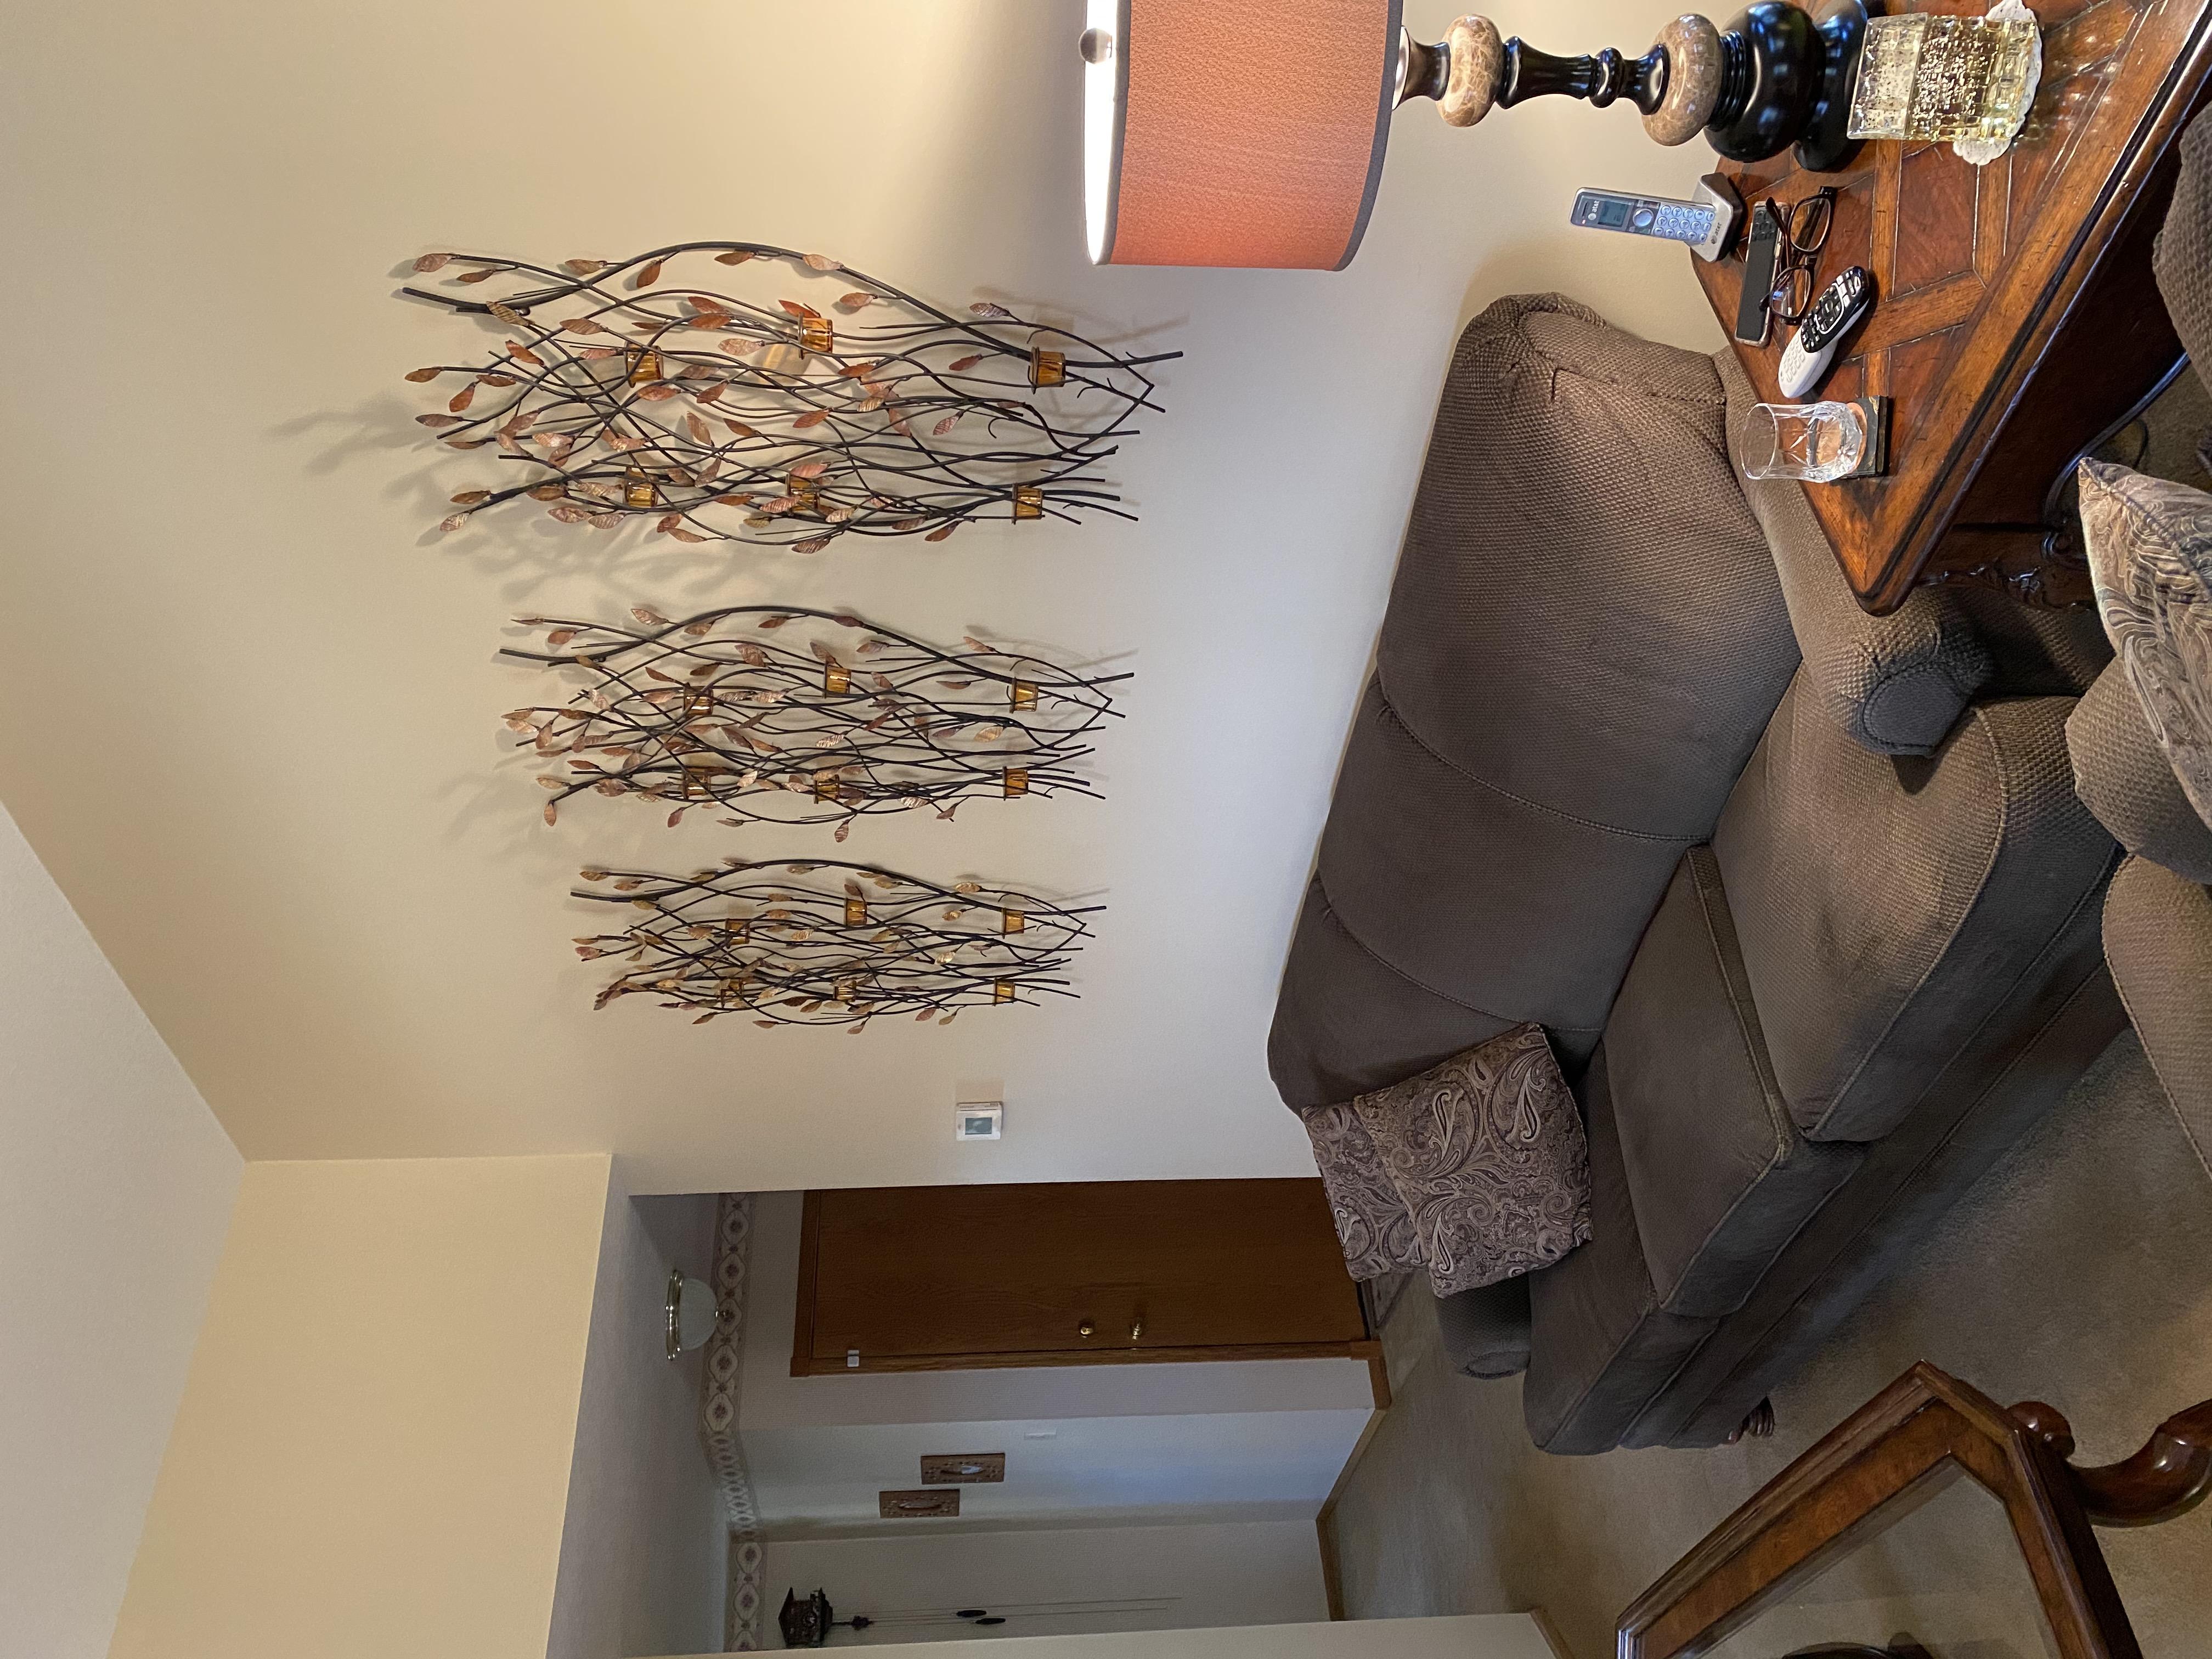 2058 HIllside Ave Mondamin livingroom3